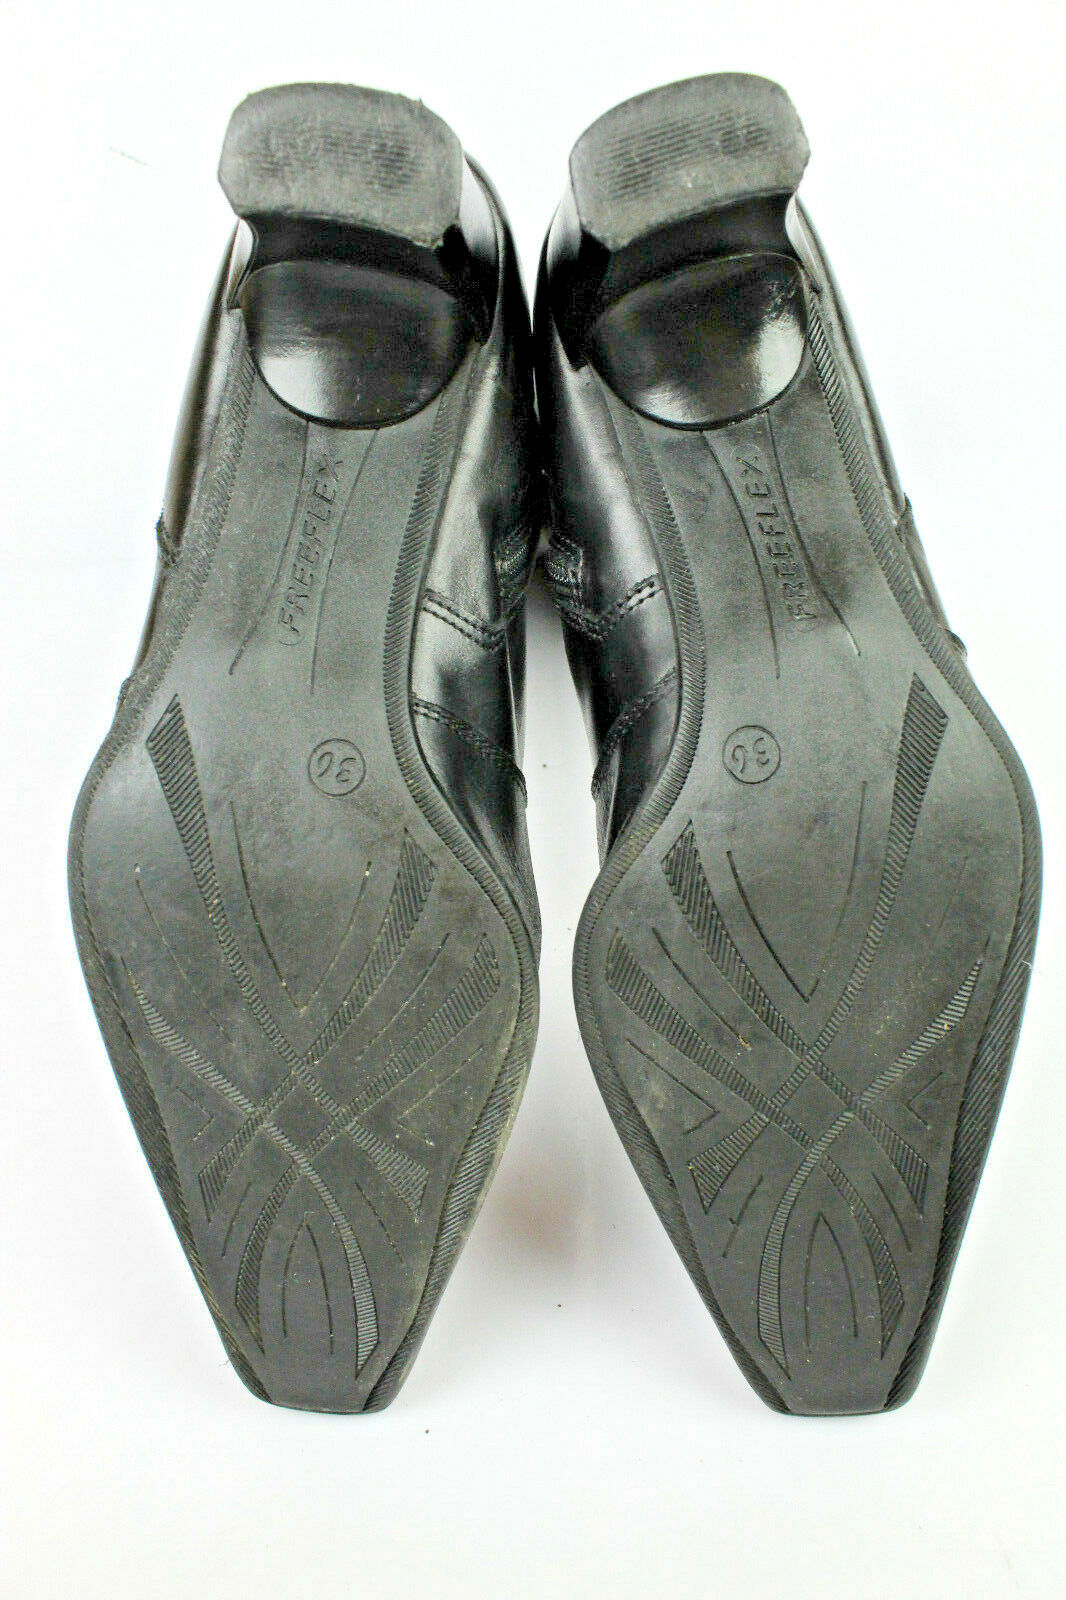 Schwarzes Schwarzes Schwarzes Leder-Stiefel AGNES FLO T 36 sehr guter Zustand    Deutschland Shops  f10e47